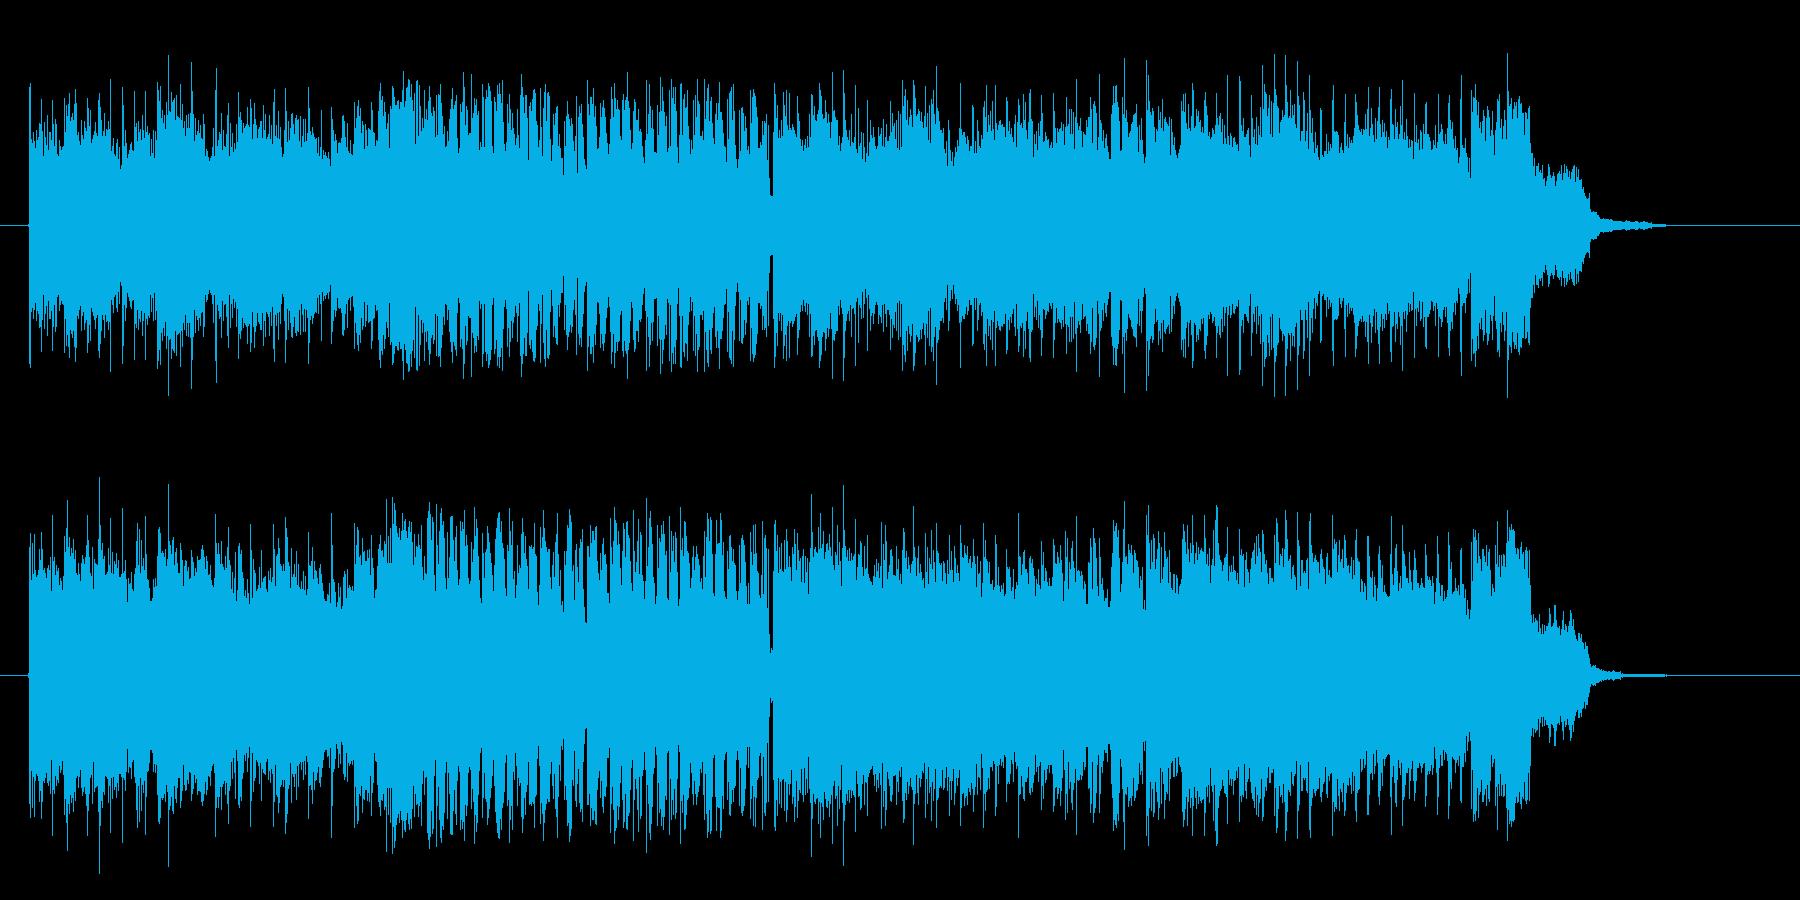 激しく勢いのあるギターによるロックの再生済みの波形